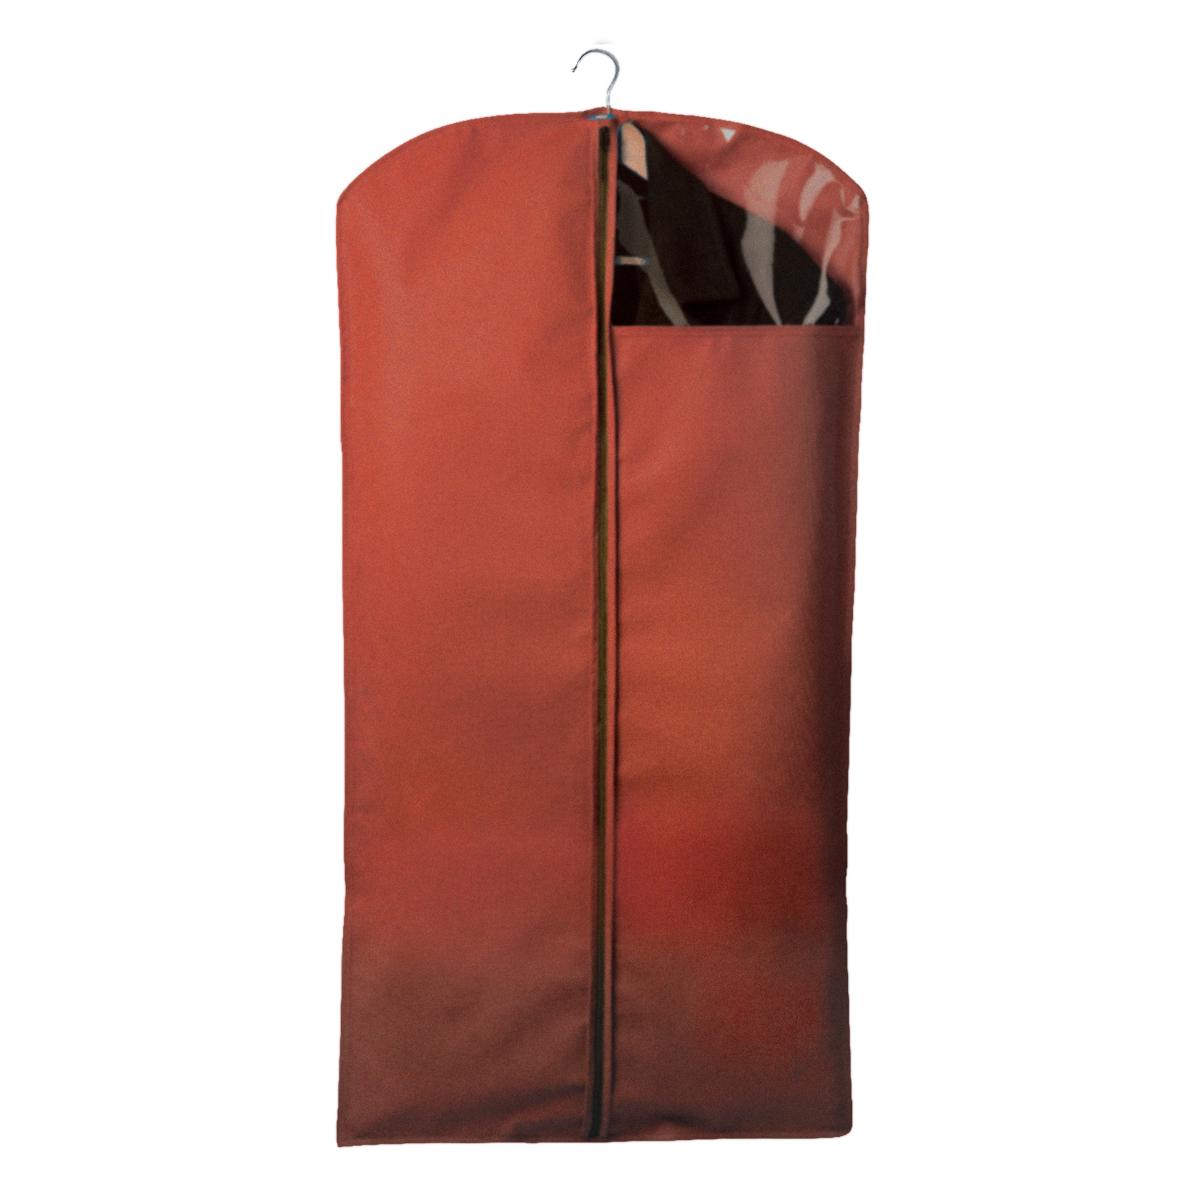 Чехол для одежды Miolla, с окошком, цвет: бордовый, 120 х 60 смCHL-2-2Чехол для костюмов и платьев Miolla на застежке-молнии выполнен из высококачественного нетканого материала. Прозрачное полиэтиленовое окошко позволяет видеть содержимое чехла. Подходит для длительного хранения вещей. Чехол обеспечивает вашей одежде надежную защиту от влажности, повреждений и грязи при транспортировке, от запыления при хранении и проникновения моли. Чехол обладает водоотталкивающими свойствами, а также позволяет воздуху свободно поступать внутрь вещей, обеспечивая их кондиционирование. Размер чехла: 120 х 60 см.